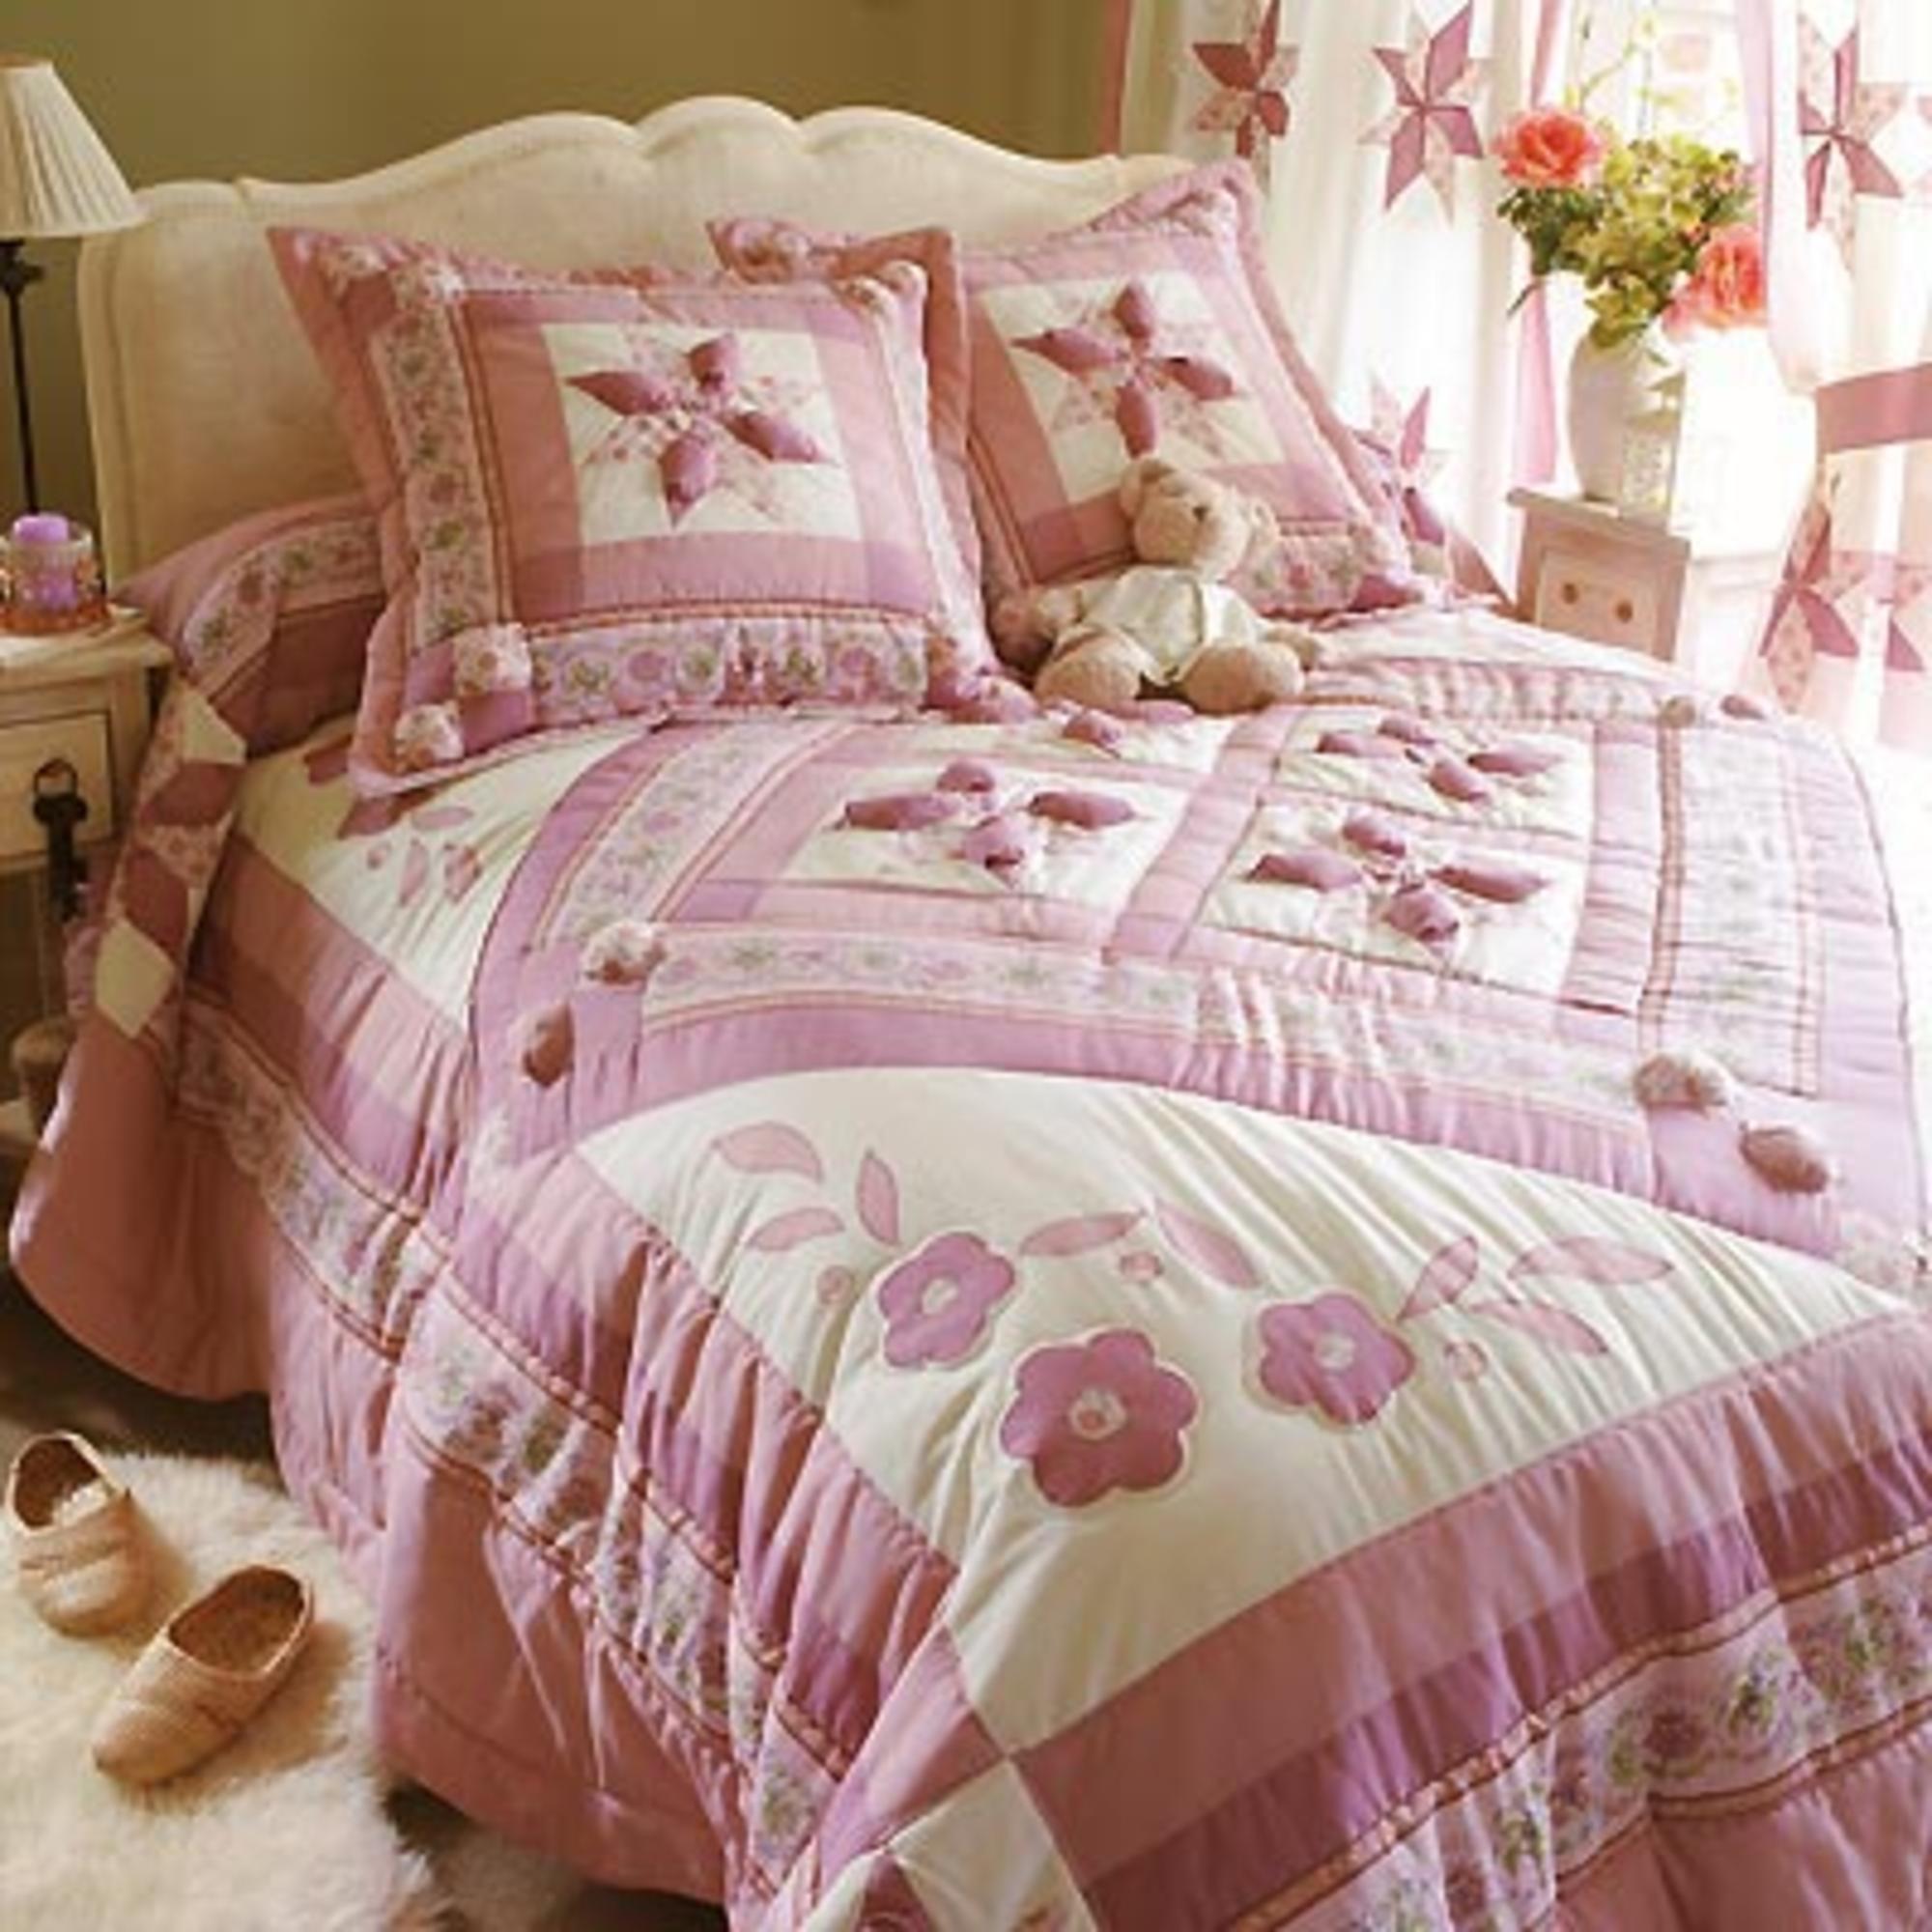 couvre lit 170 x 240 cm flora rose acheter ce produit au meilleur prix. Black Bedroom Furniture Sets. Home Design Ideas